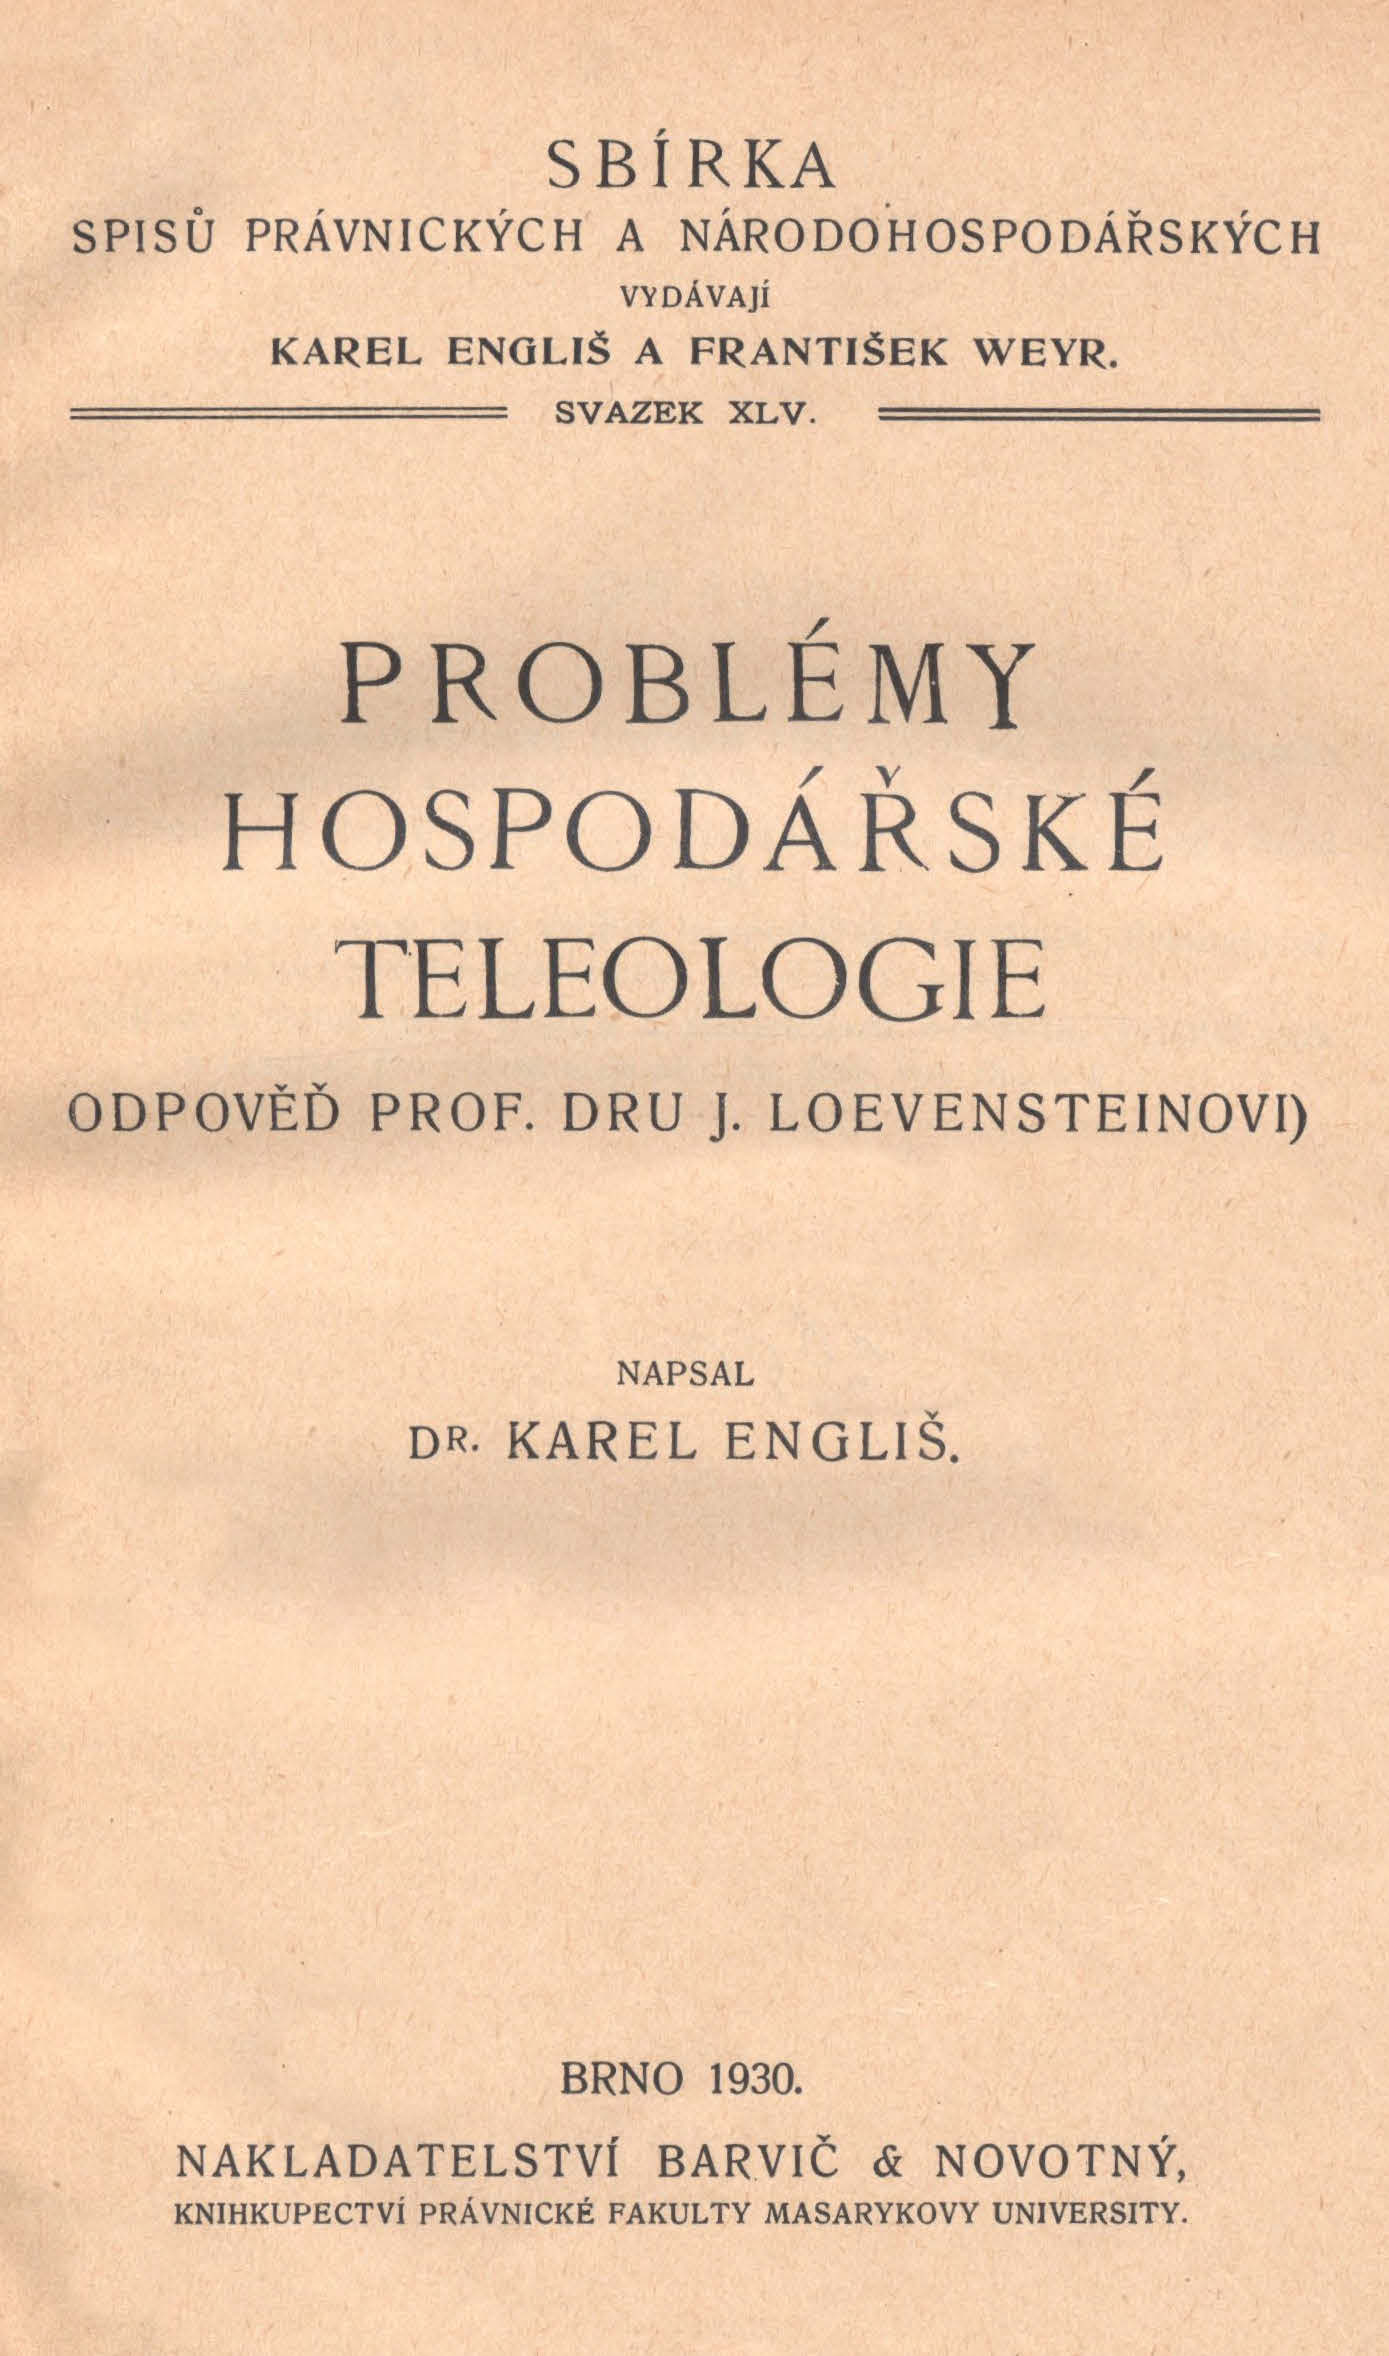 Obálka pro Problémy hospodářské teleologie : odpověď prof. Dru J. Loevensteinovi